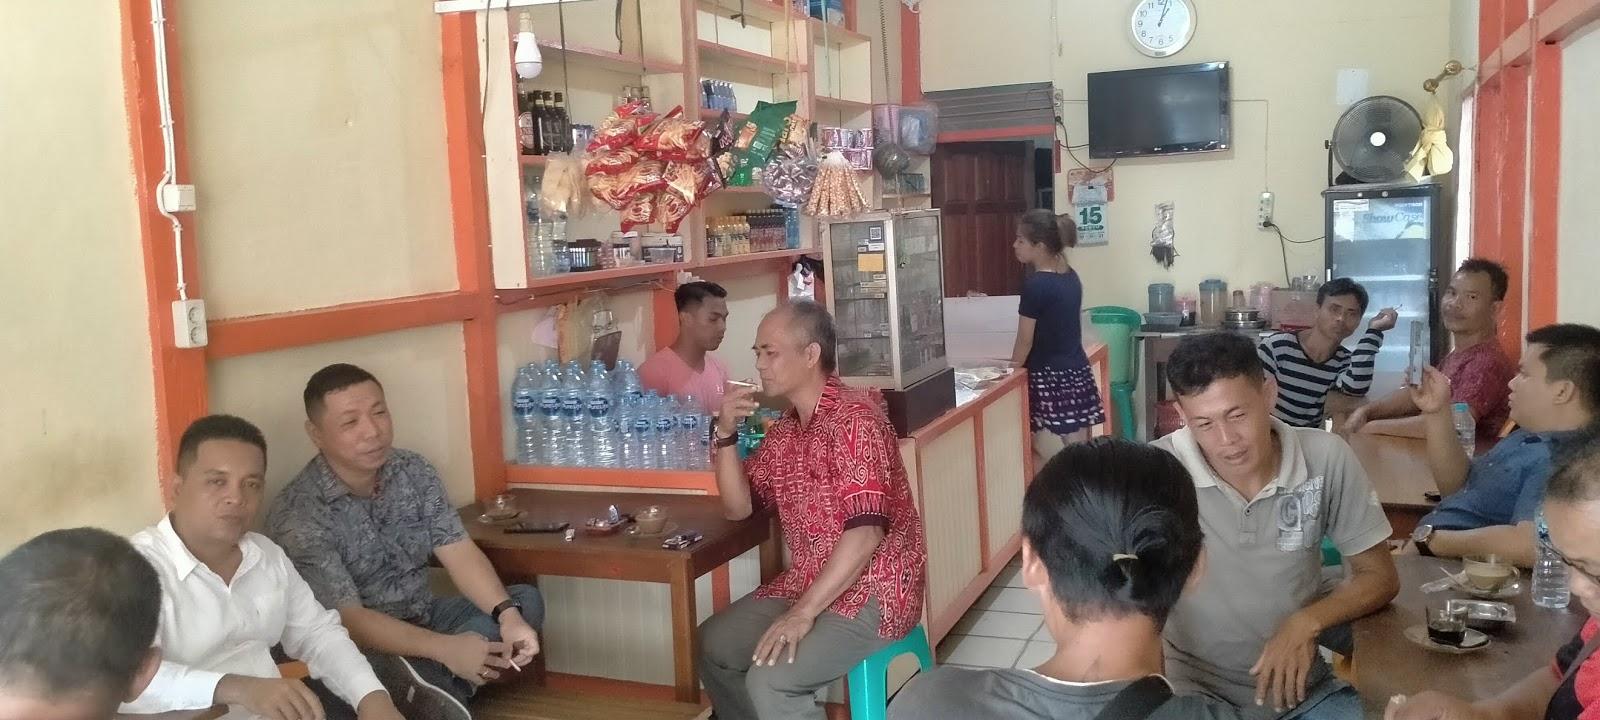 Anggota DPRD Yuvenalis Krismono Coffe Morning Bersama Warga Balai Batang Tarang